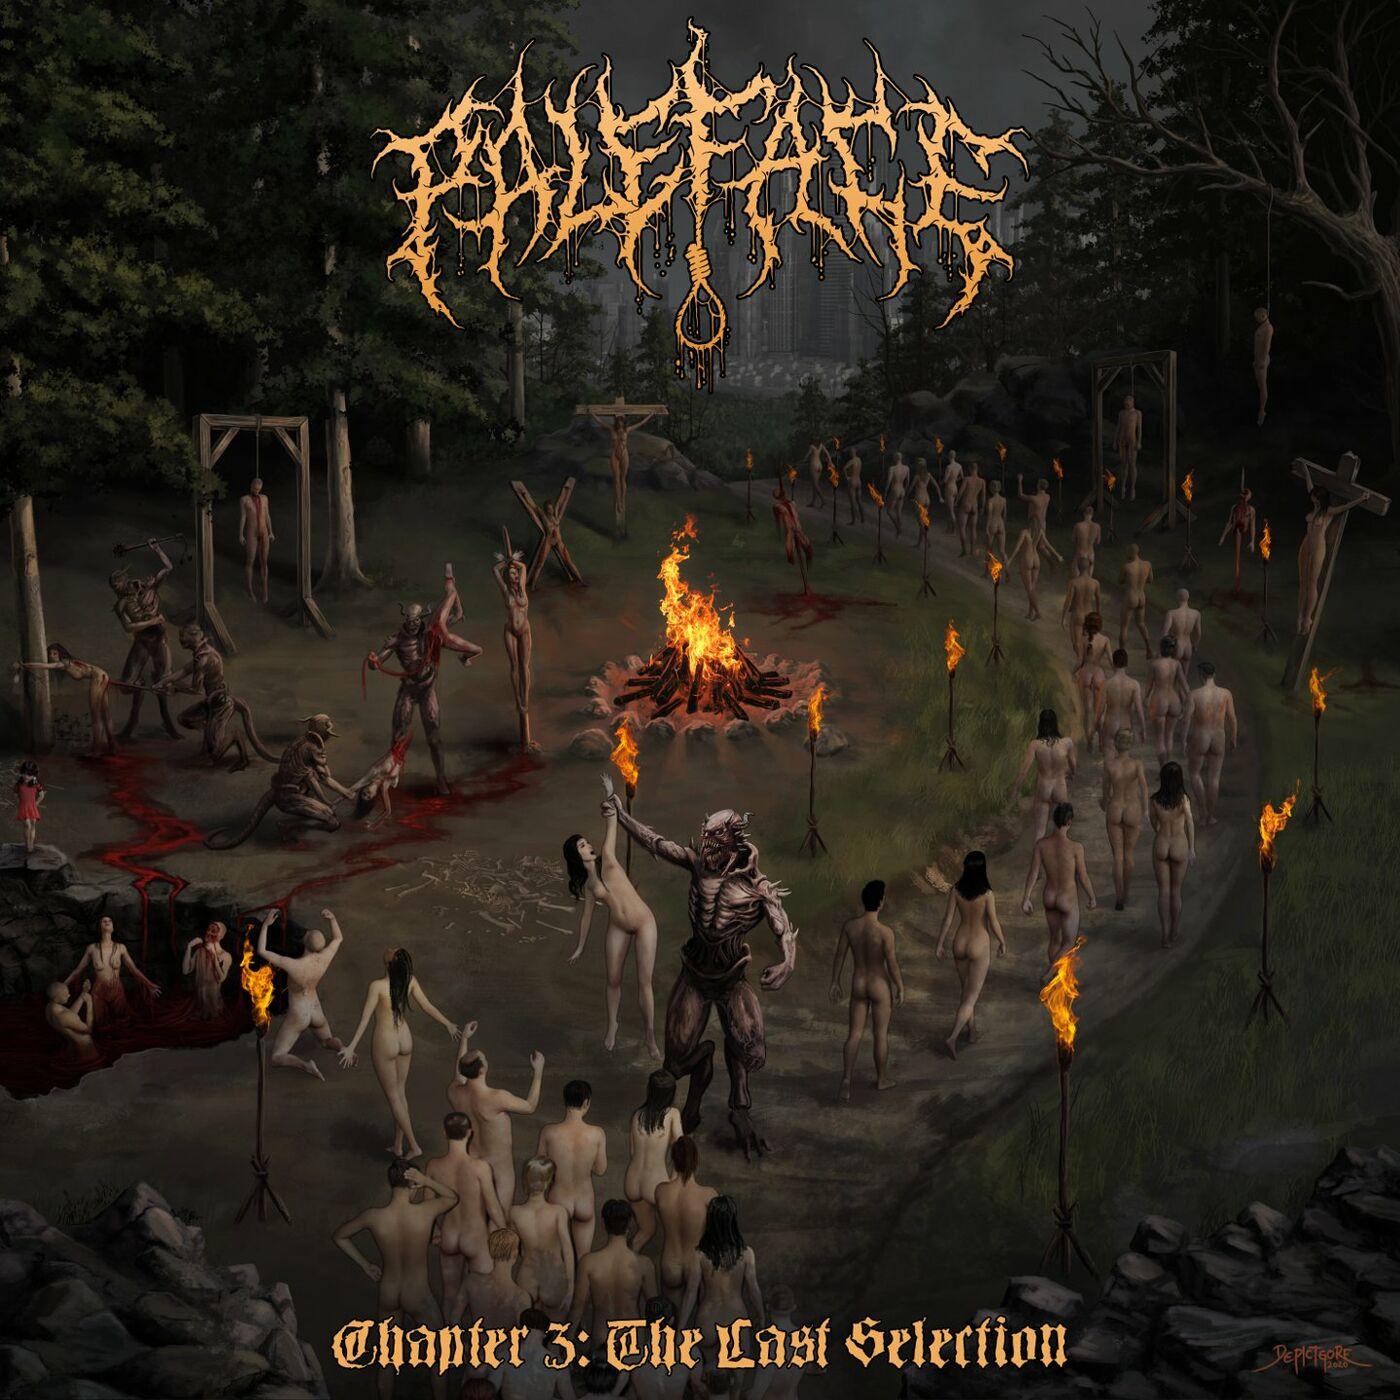 Paleface - Curse Us [single] (2020)